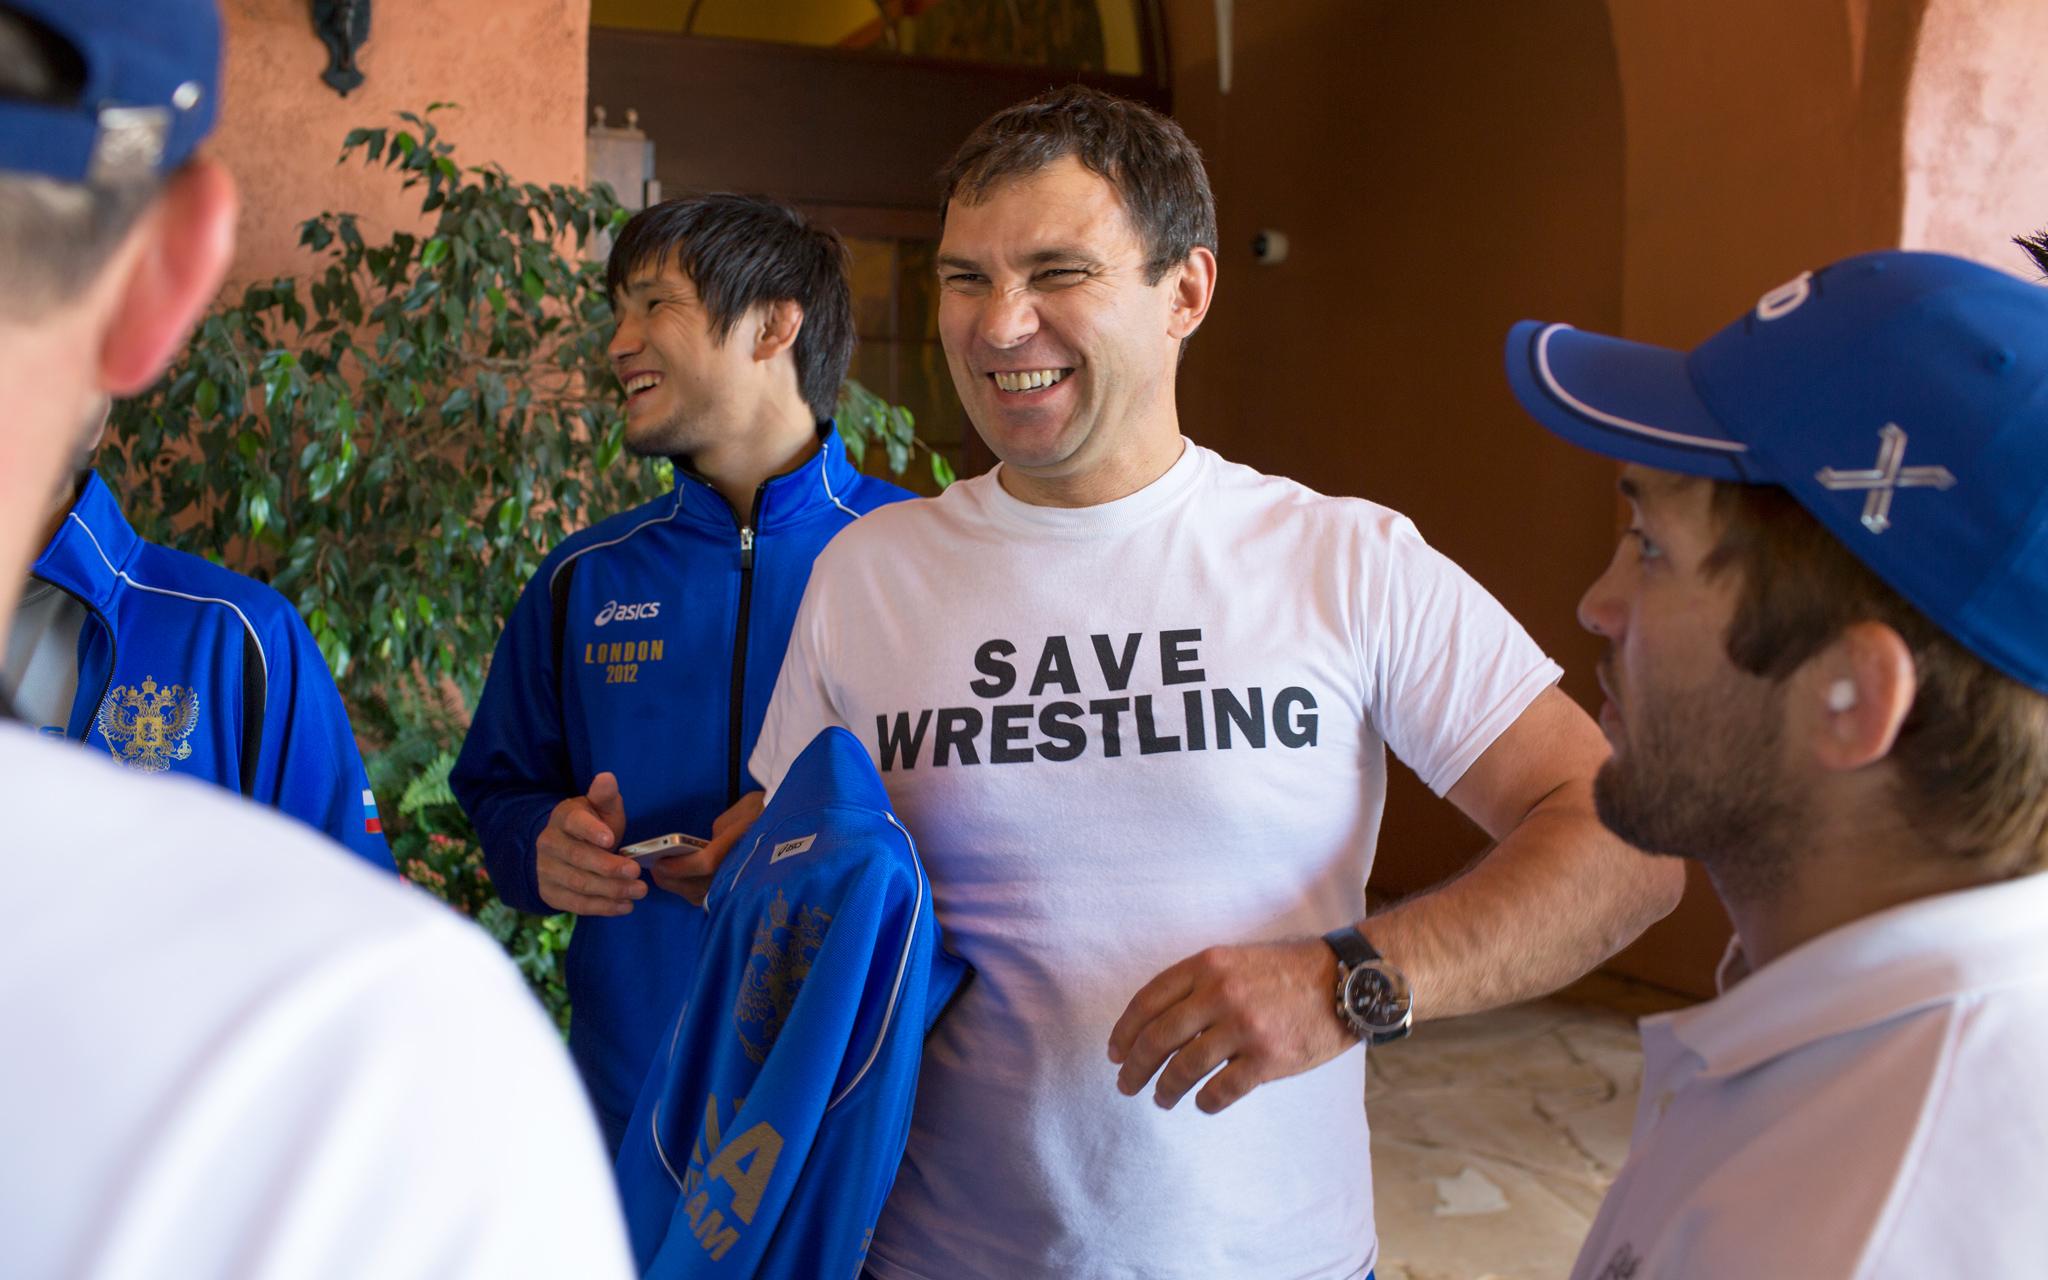 Save Wrestling!